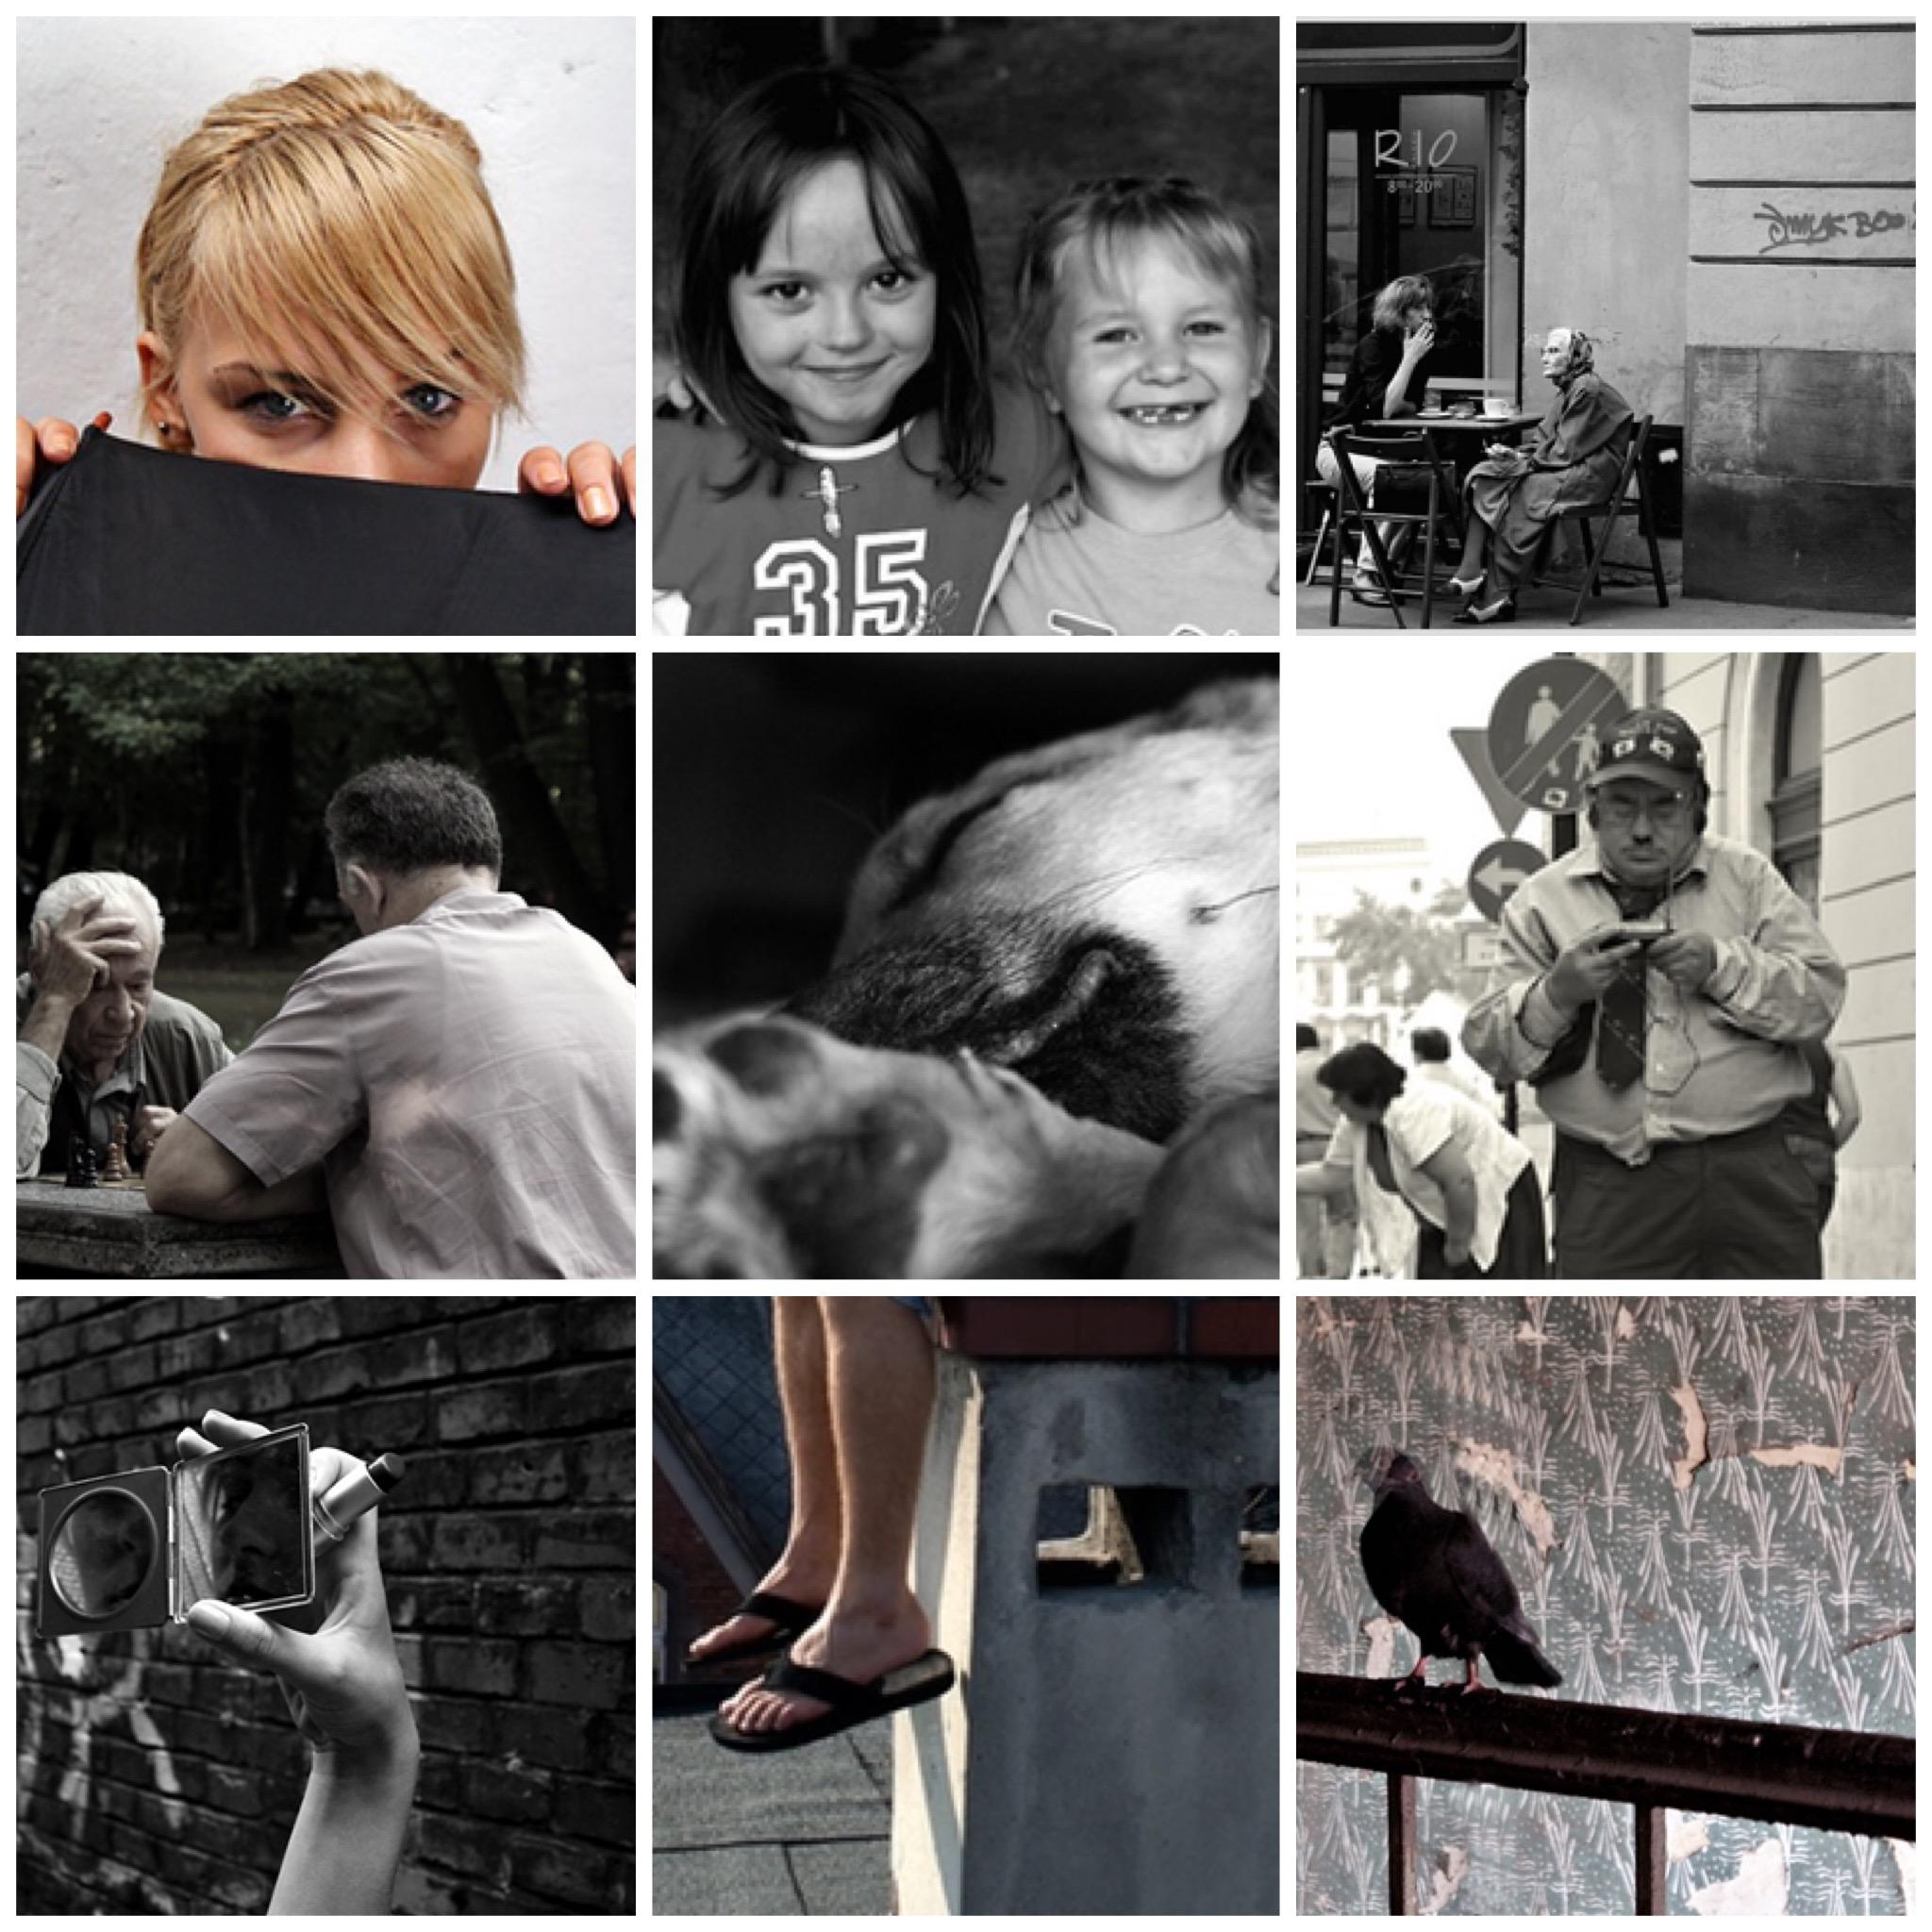 Moje początki - zdjęcia archiwalne 2008